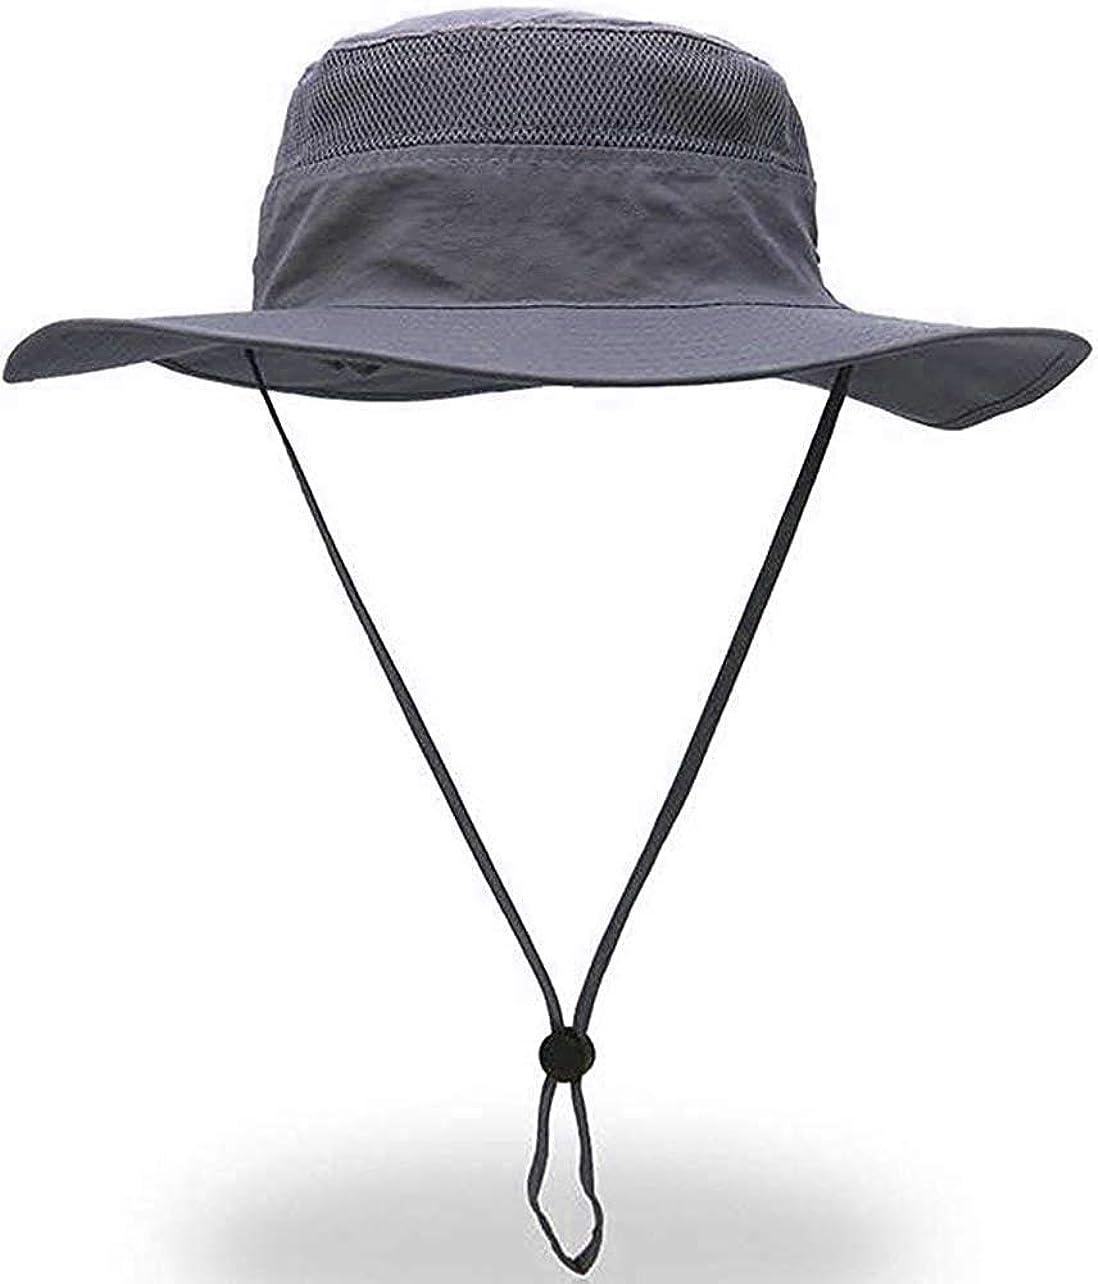 ストライク連合バナーサファリハット メンズ レディース ハット 帽子 通気性抜群 防水ブラック